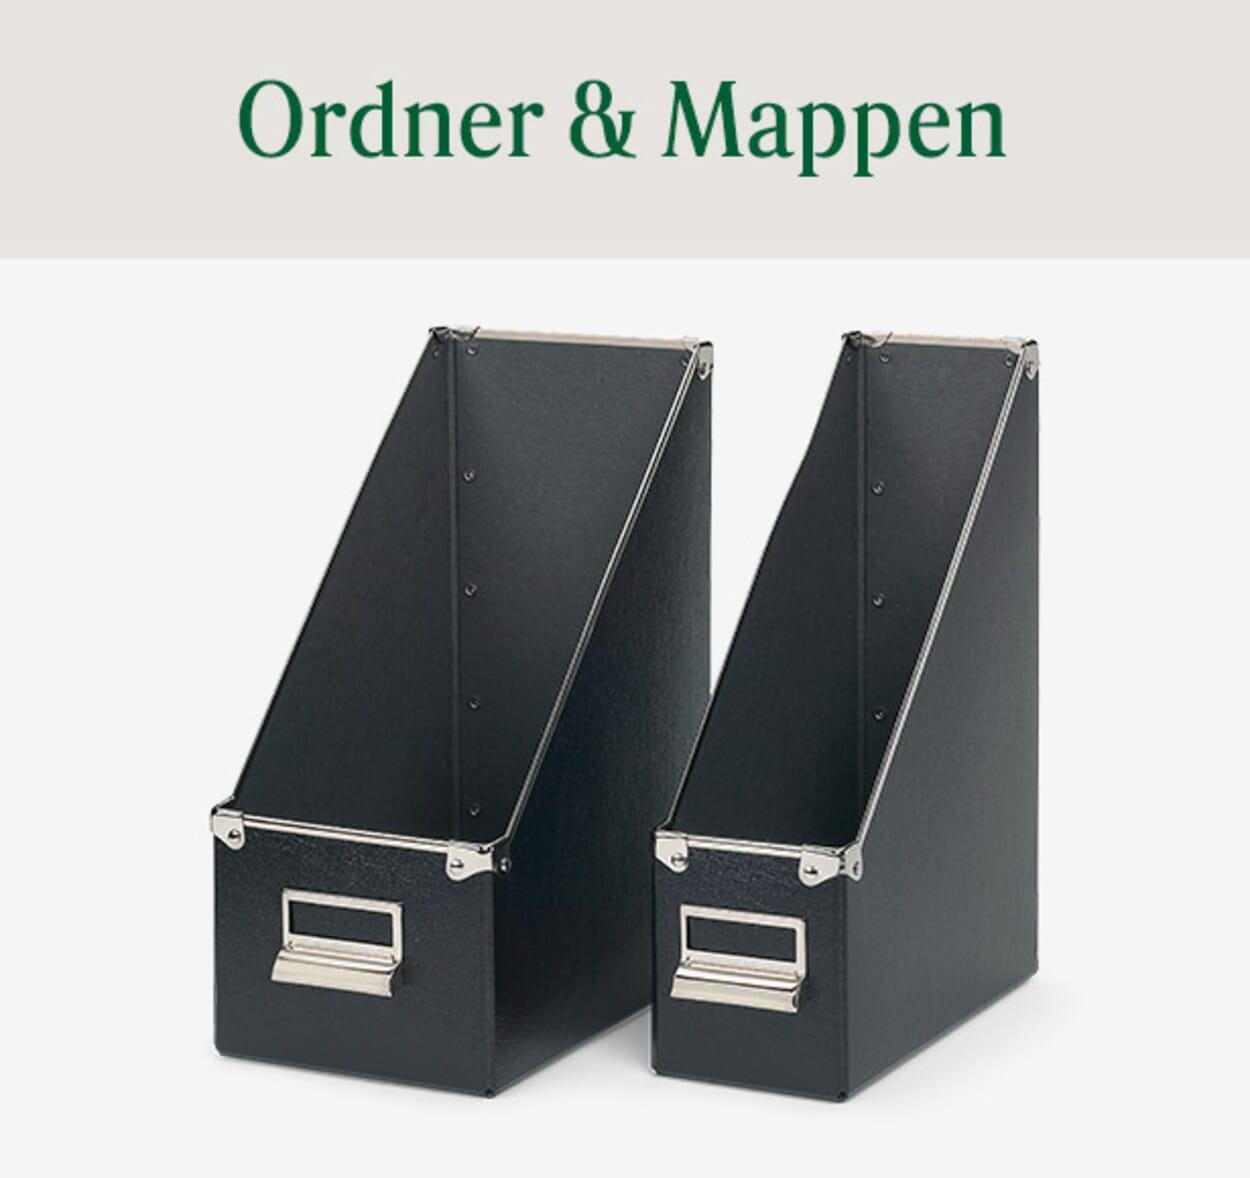 Ordner & Mappen